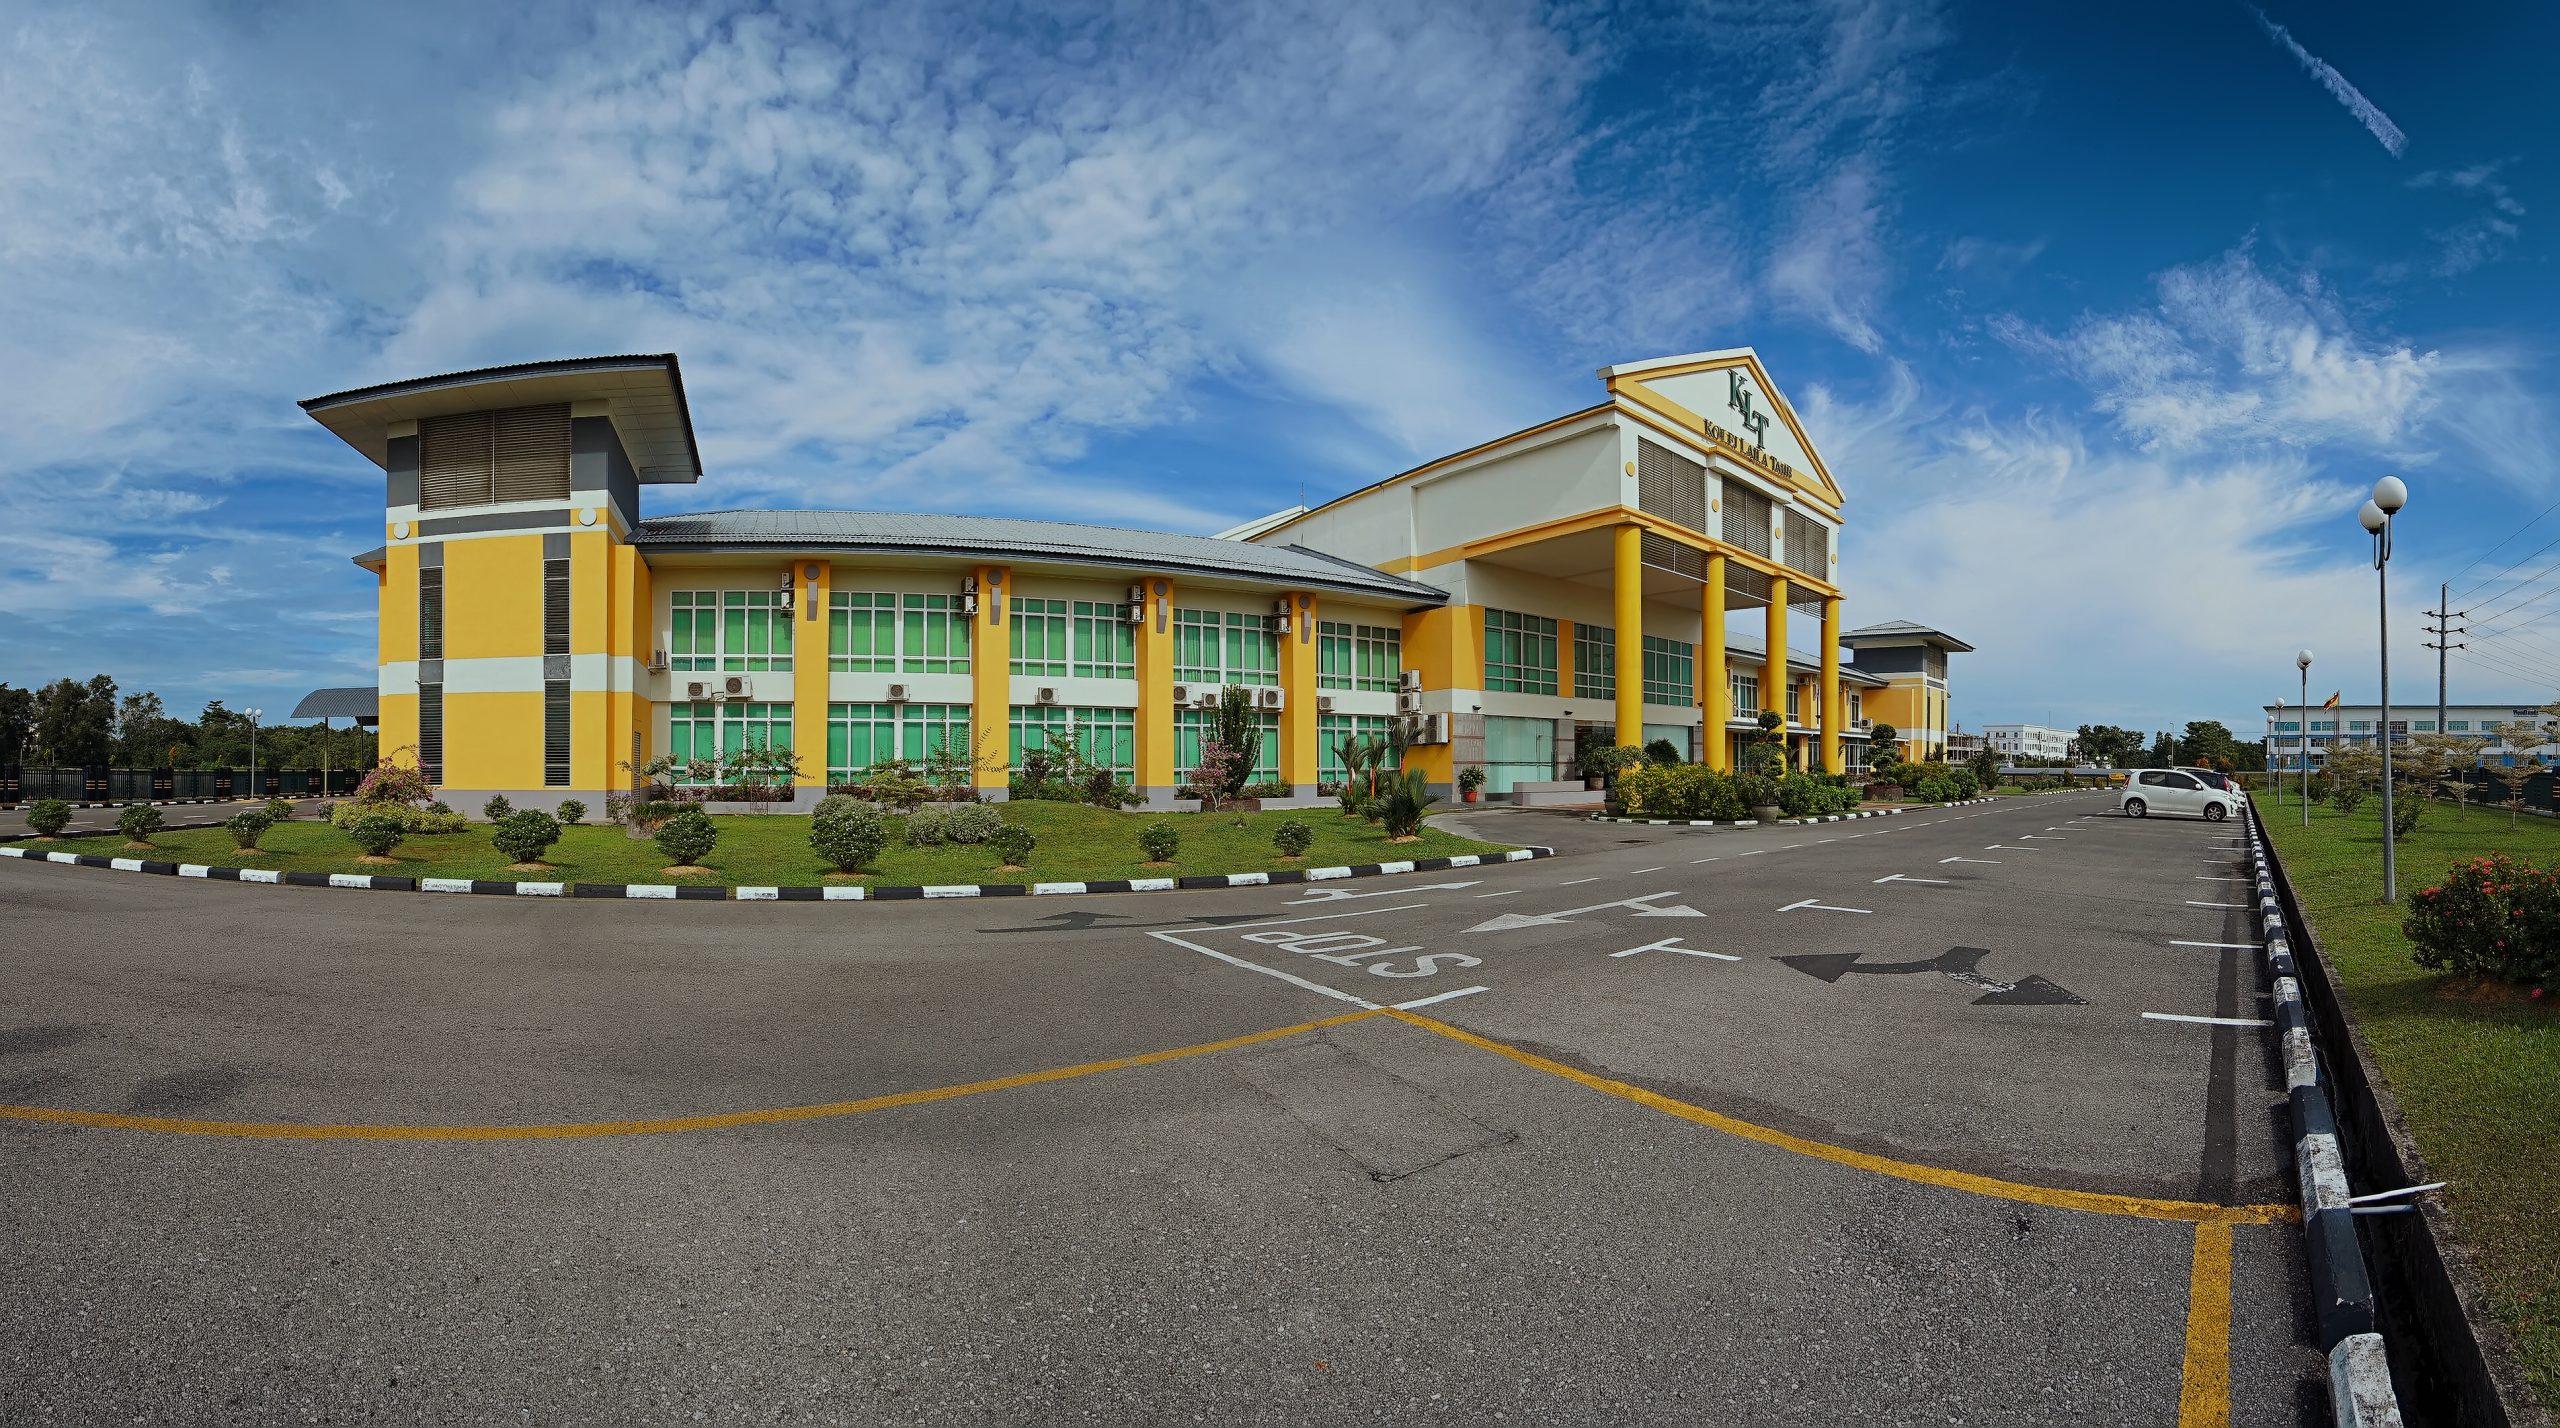 Kolej Laila Taib campus